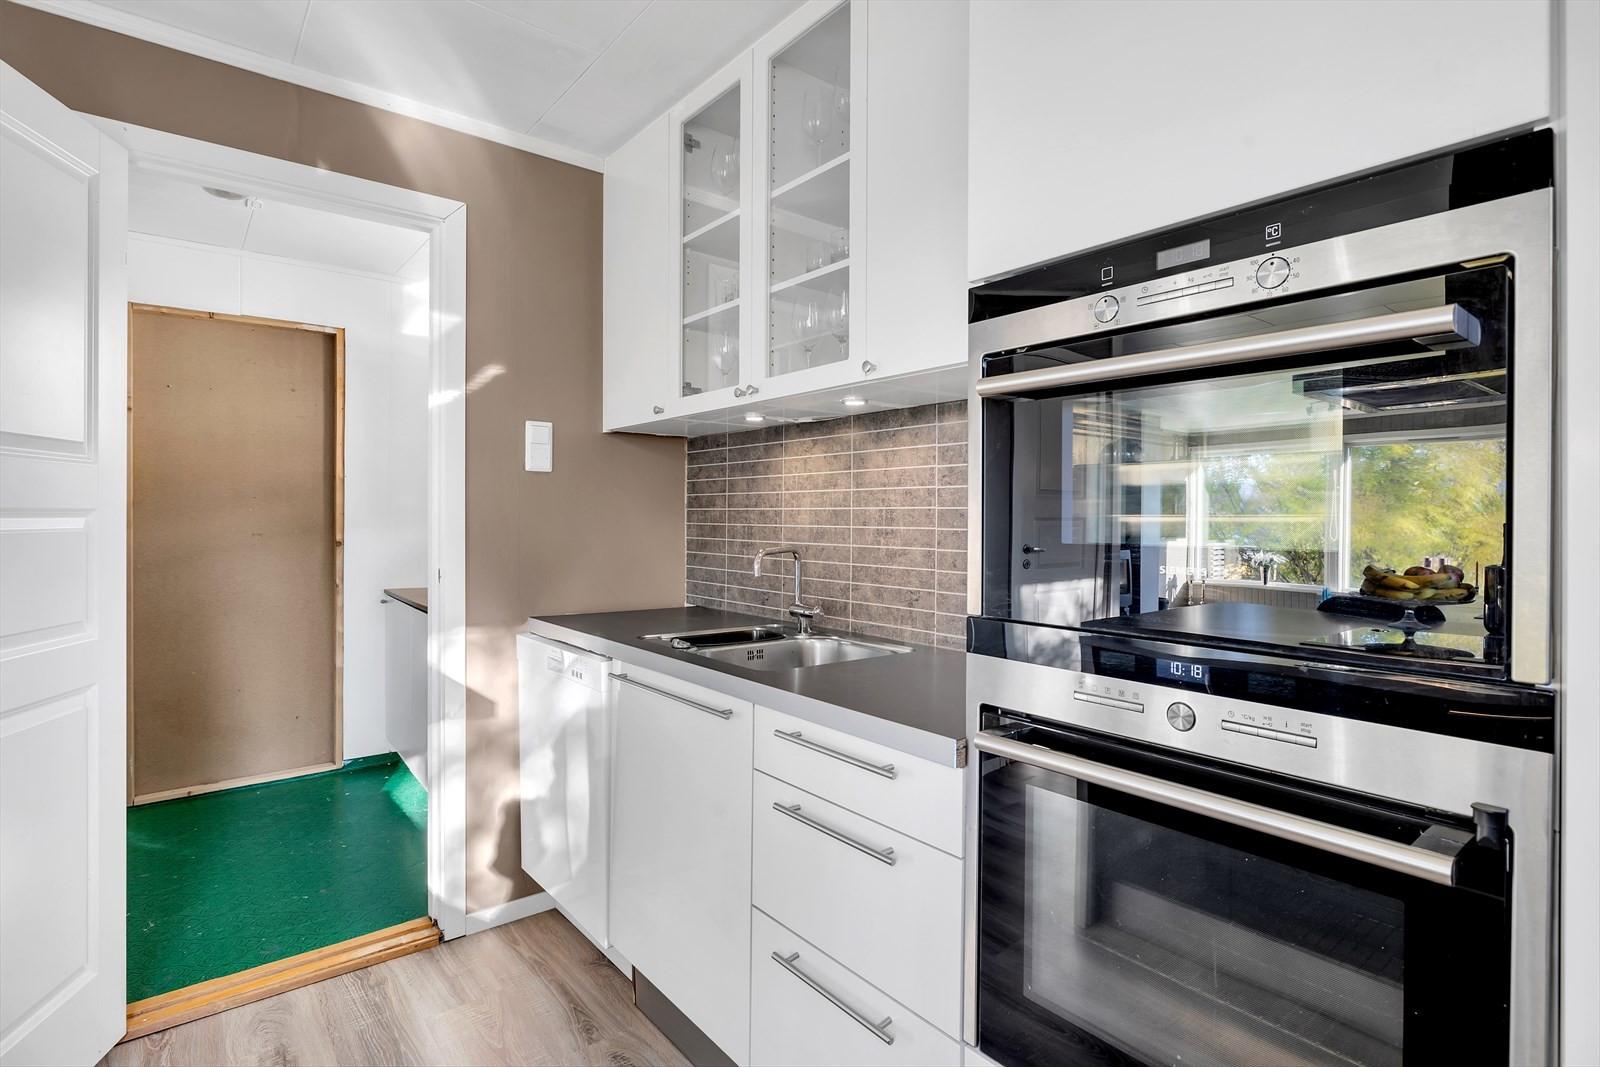 Vaskerom/bod innenfor kjøkken